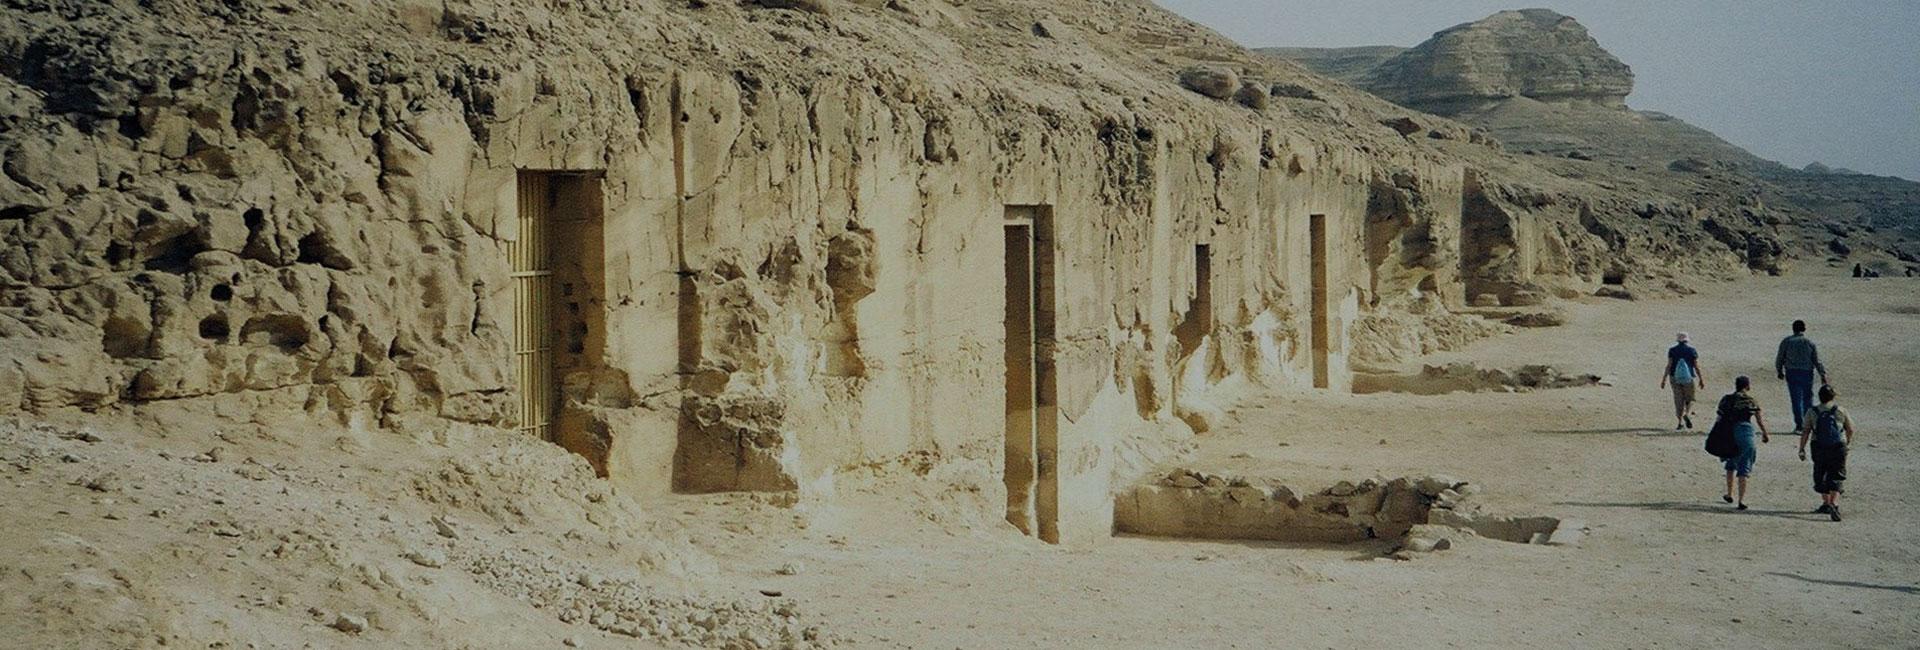 El-Minya from Luxor